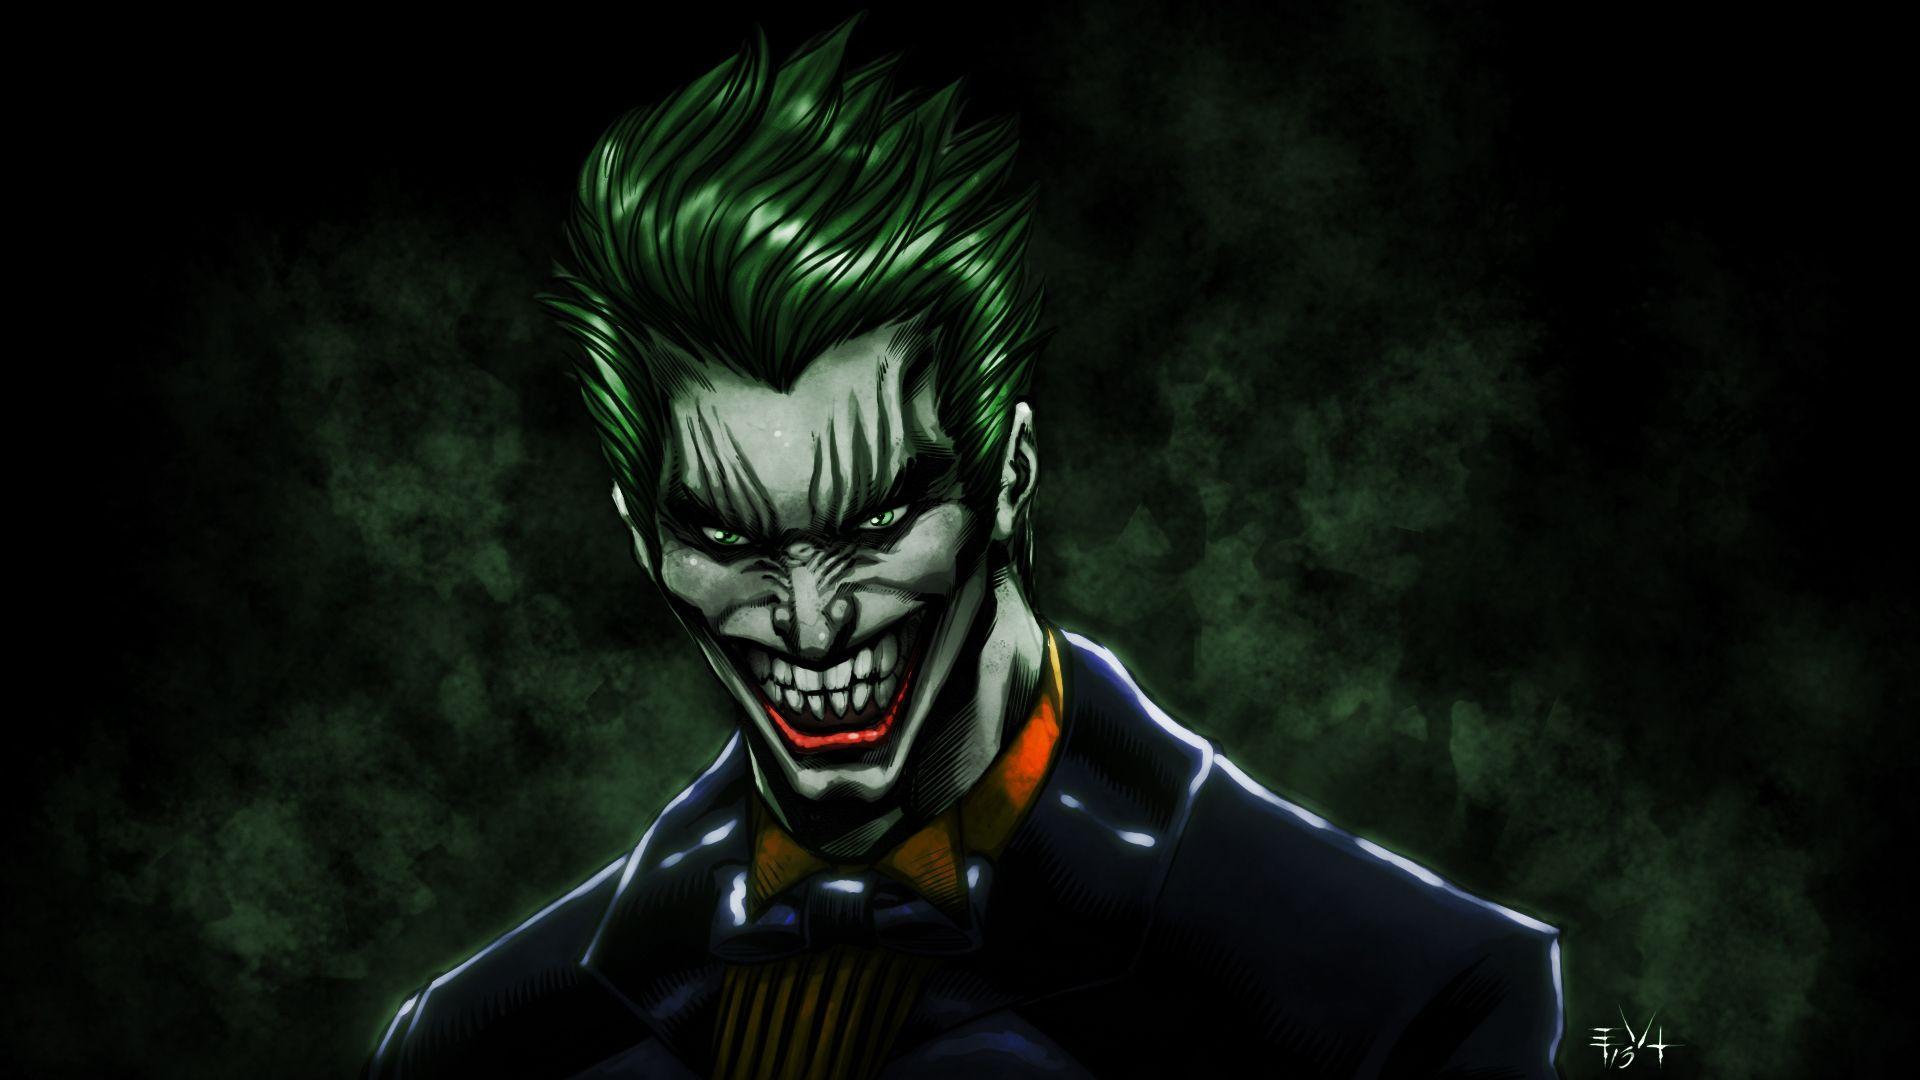 The Joker Wallpaper And Video By Erikvonlehmann On Deviantart Joker Wallpapers Joker Images Joker Comic